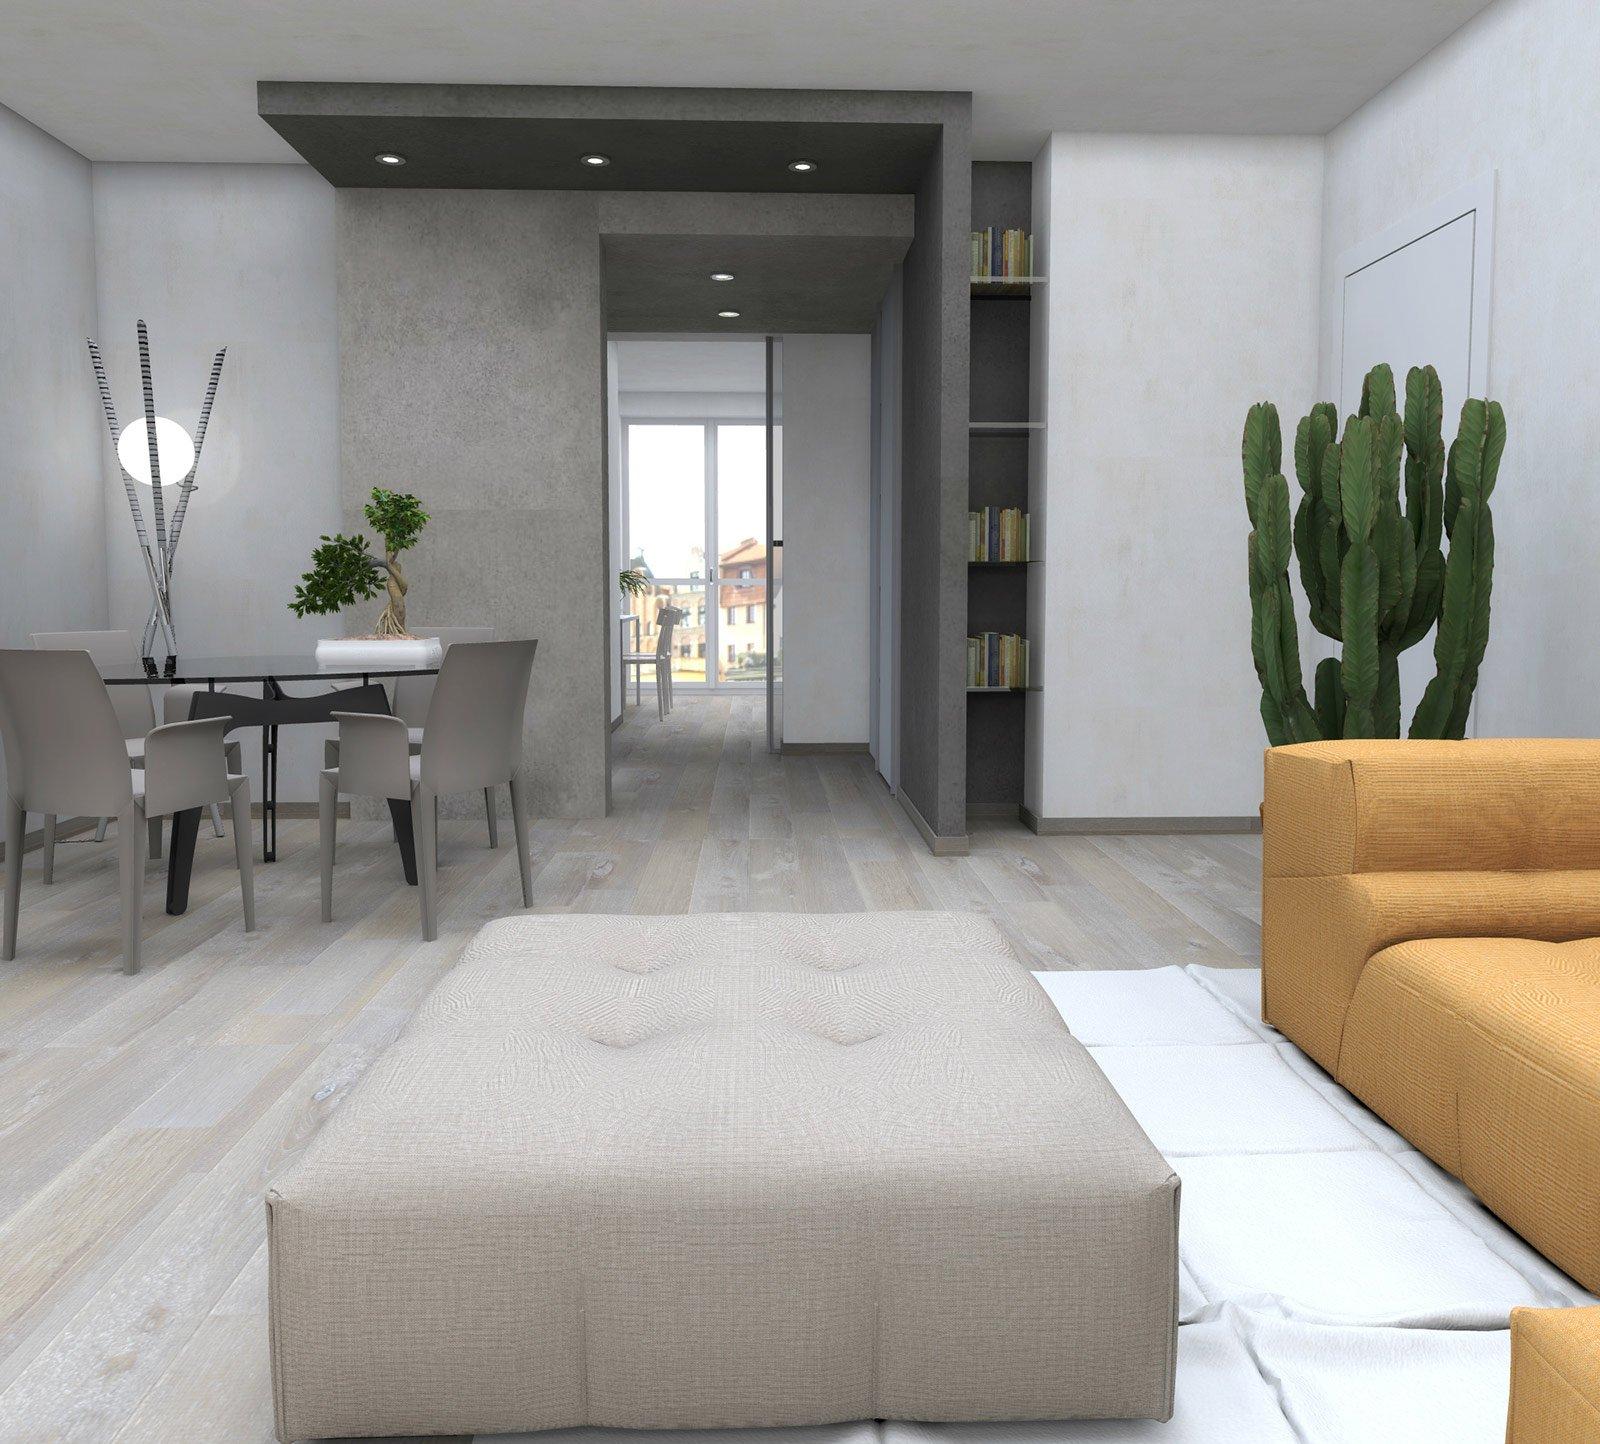 Zona giorno contemporanea. Progetto con pianta e prospetti in 3D - Cose di Casa